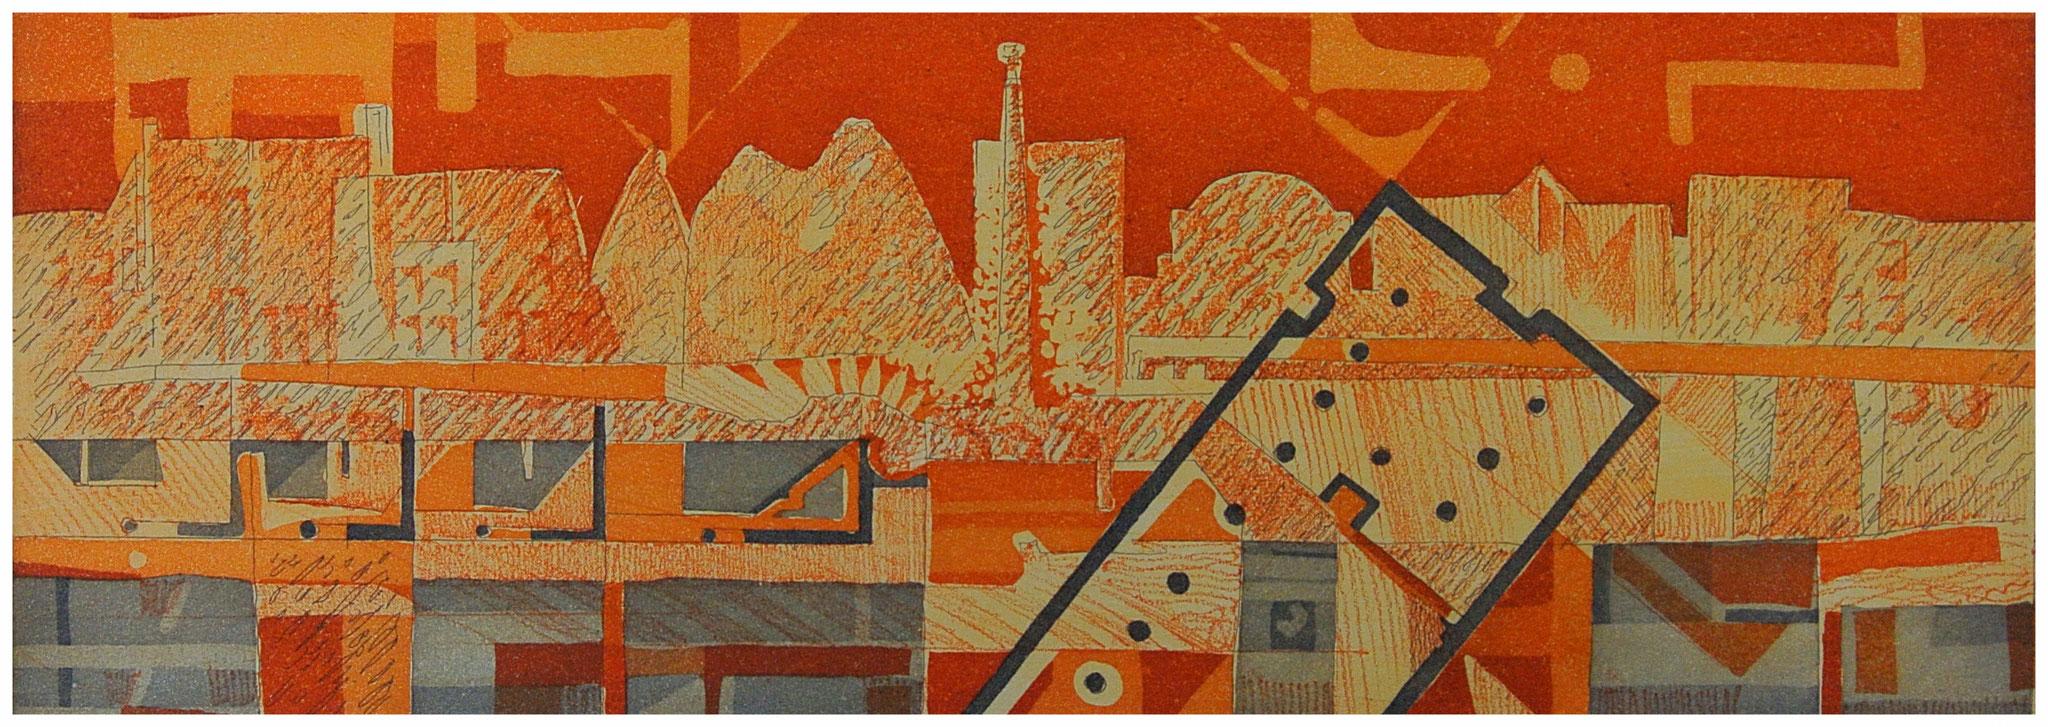 """Grundriss in Orange """"Aquatinta Strichätzung"""" / Druck Atelier H. Pfister Bern"""